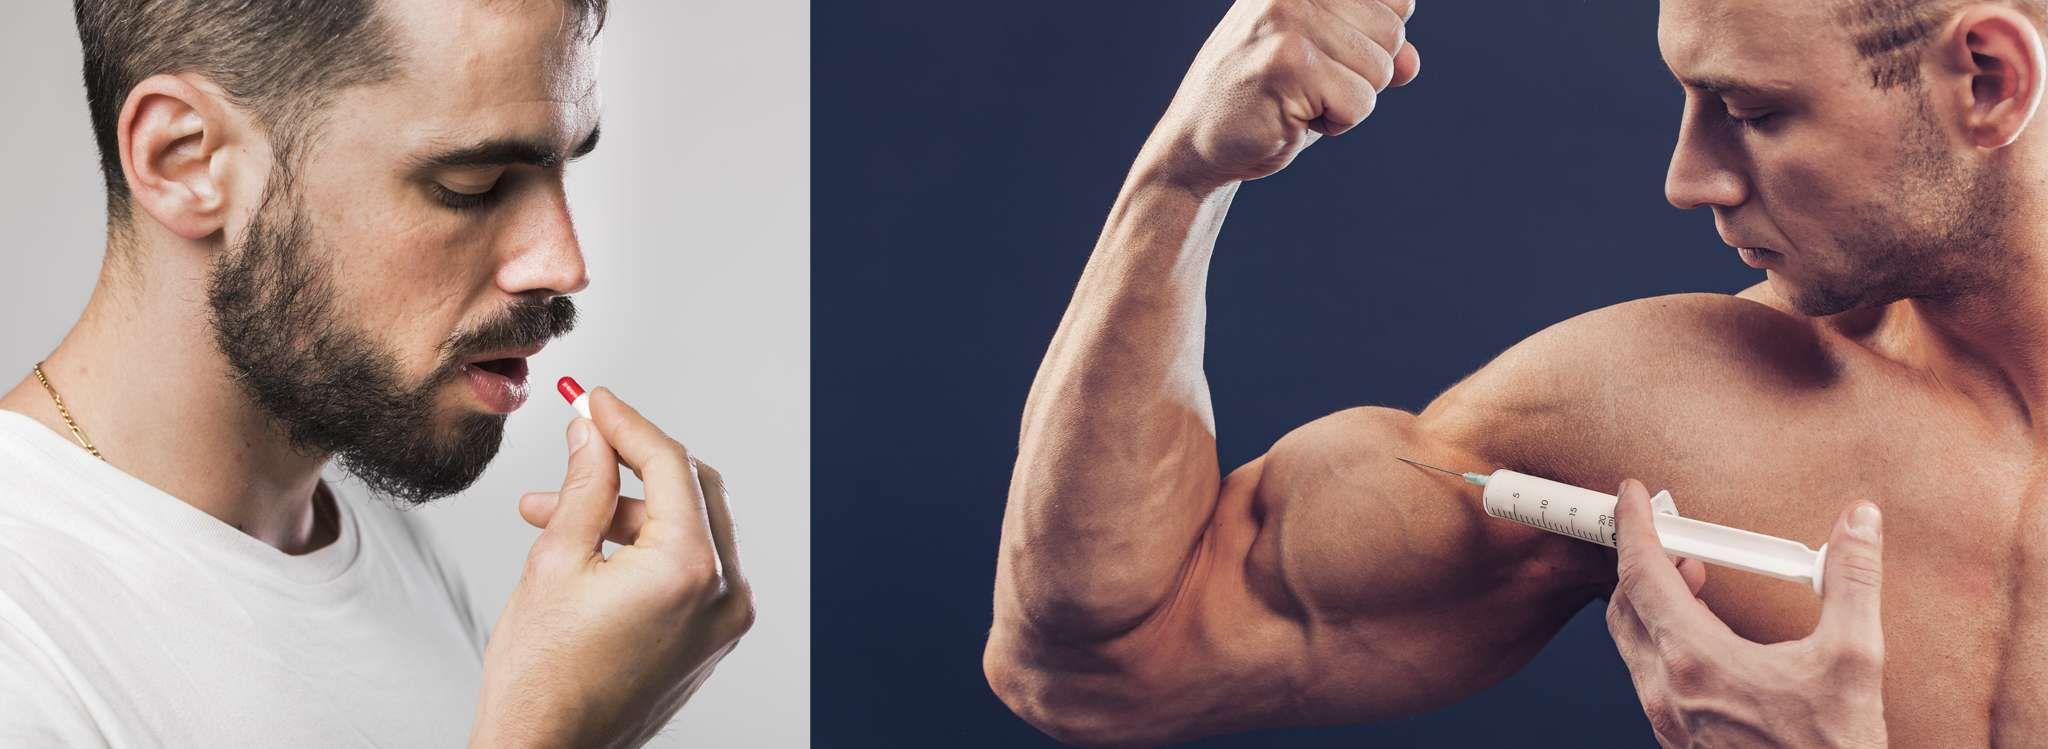 Steroid là gì ? Tác dụng phụ và rủi ro khi lạm dụng Steroid là gì? Thể hình Chanel sẽ giúp bạn trả lời thắc mắc này, Tham khảo ngay chi tiết của bài viết...